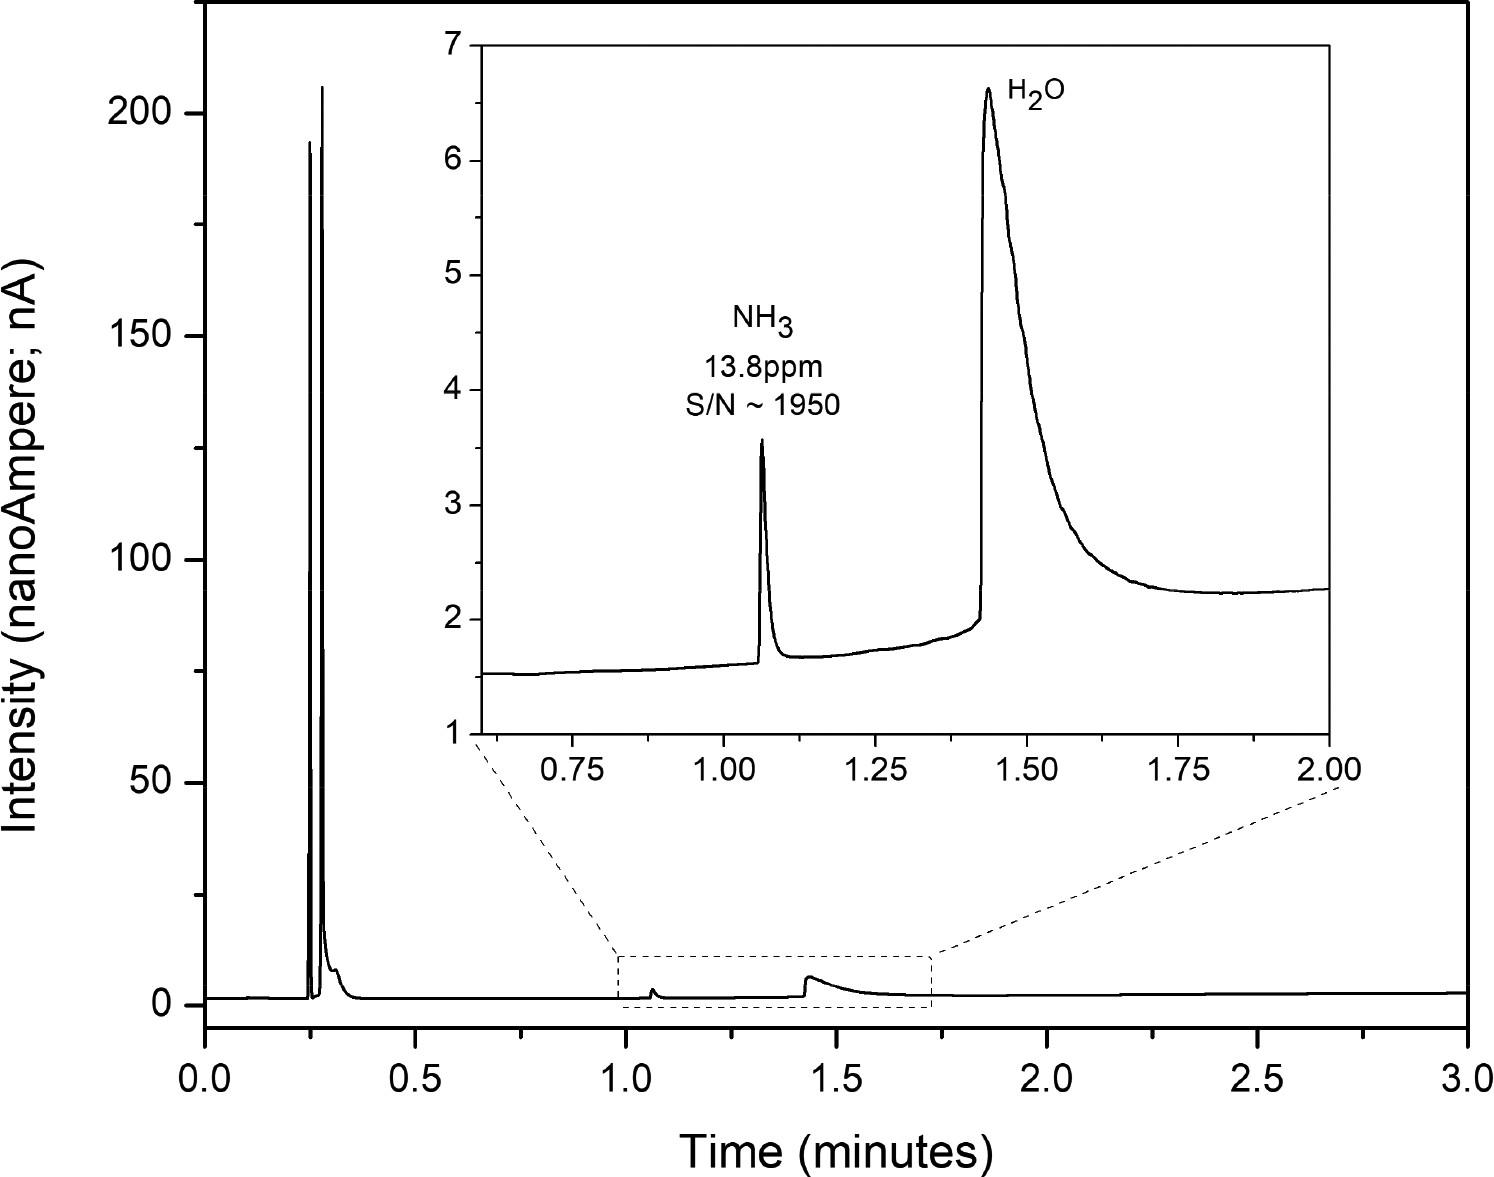 ammonia 13.8 ppm